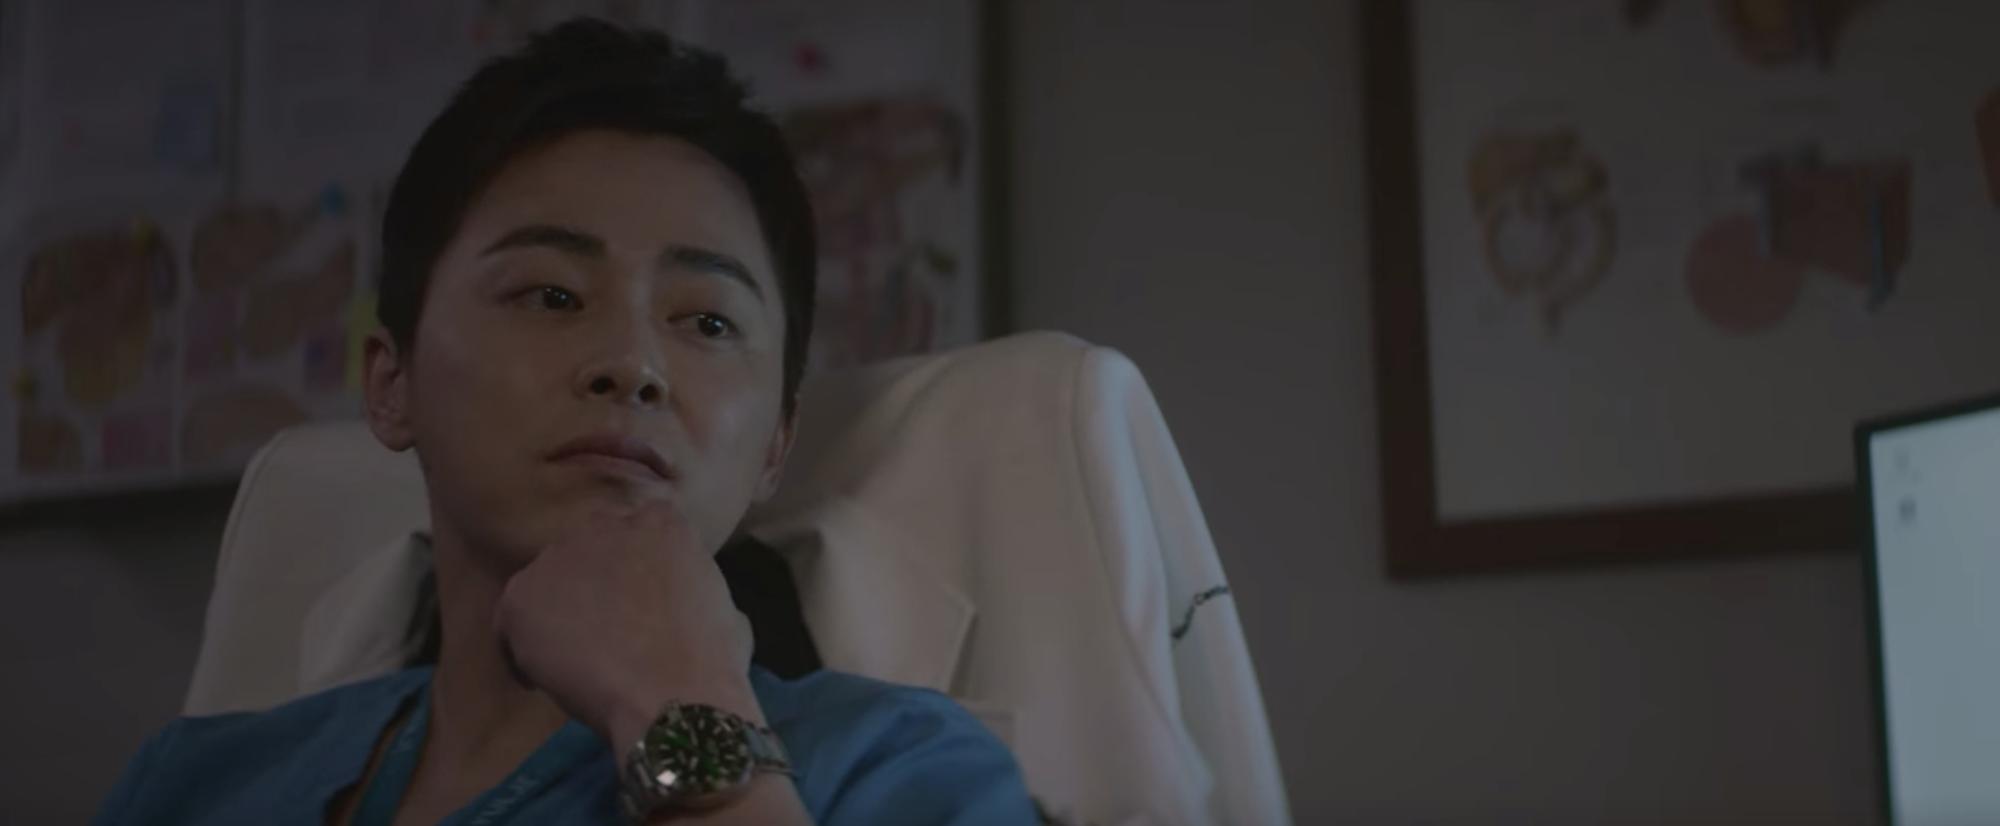 Hospital Playlist 2 lập kỷ lục rating siêu khủng trong lịch sử đài cáp, vượt mặt cả loạt bom tấn Hàn - Ảnh 7.